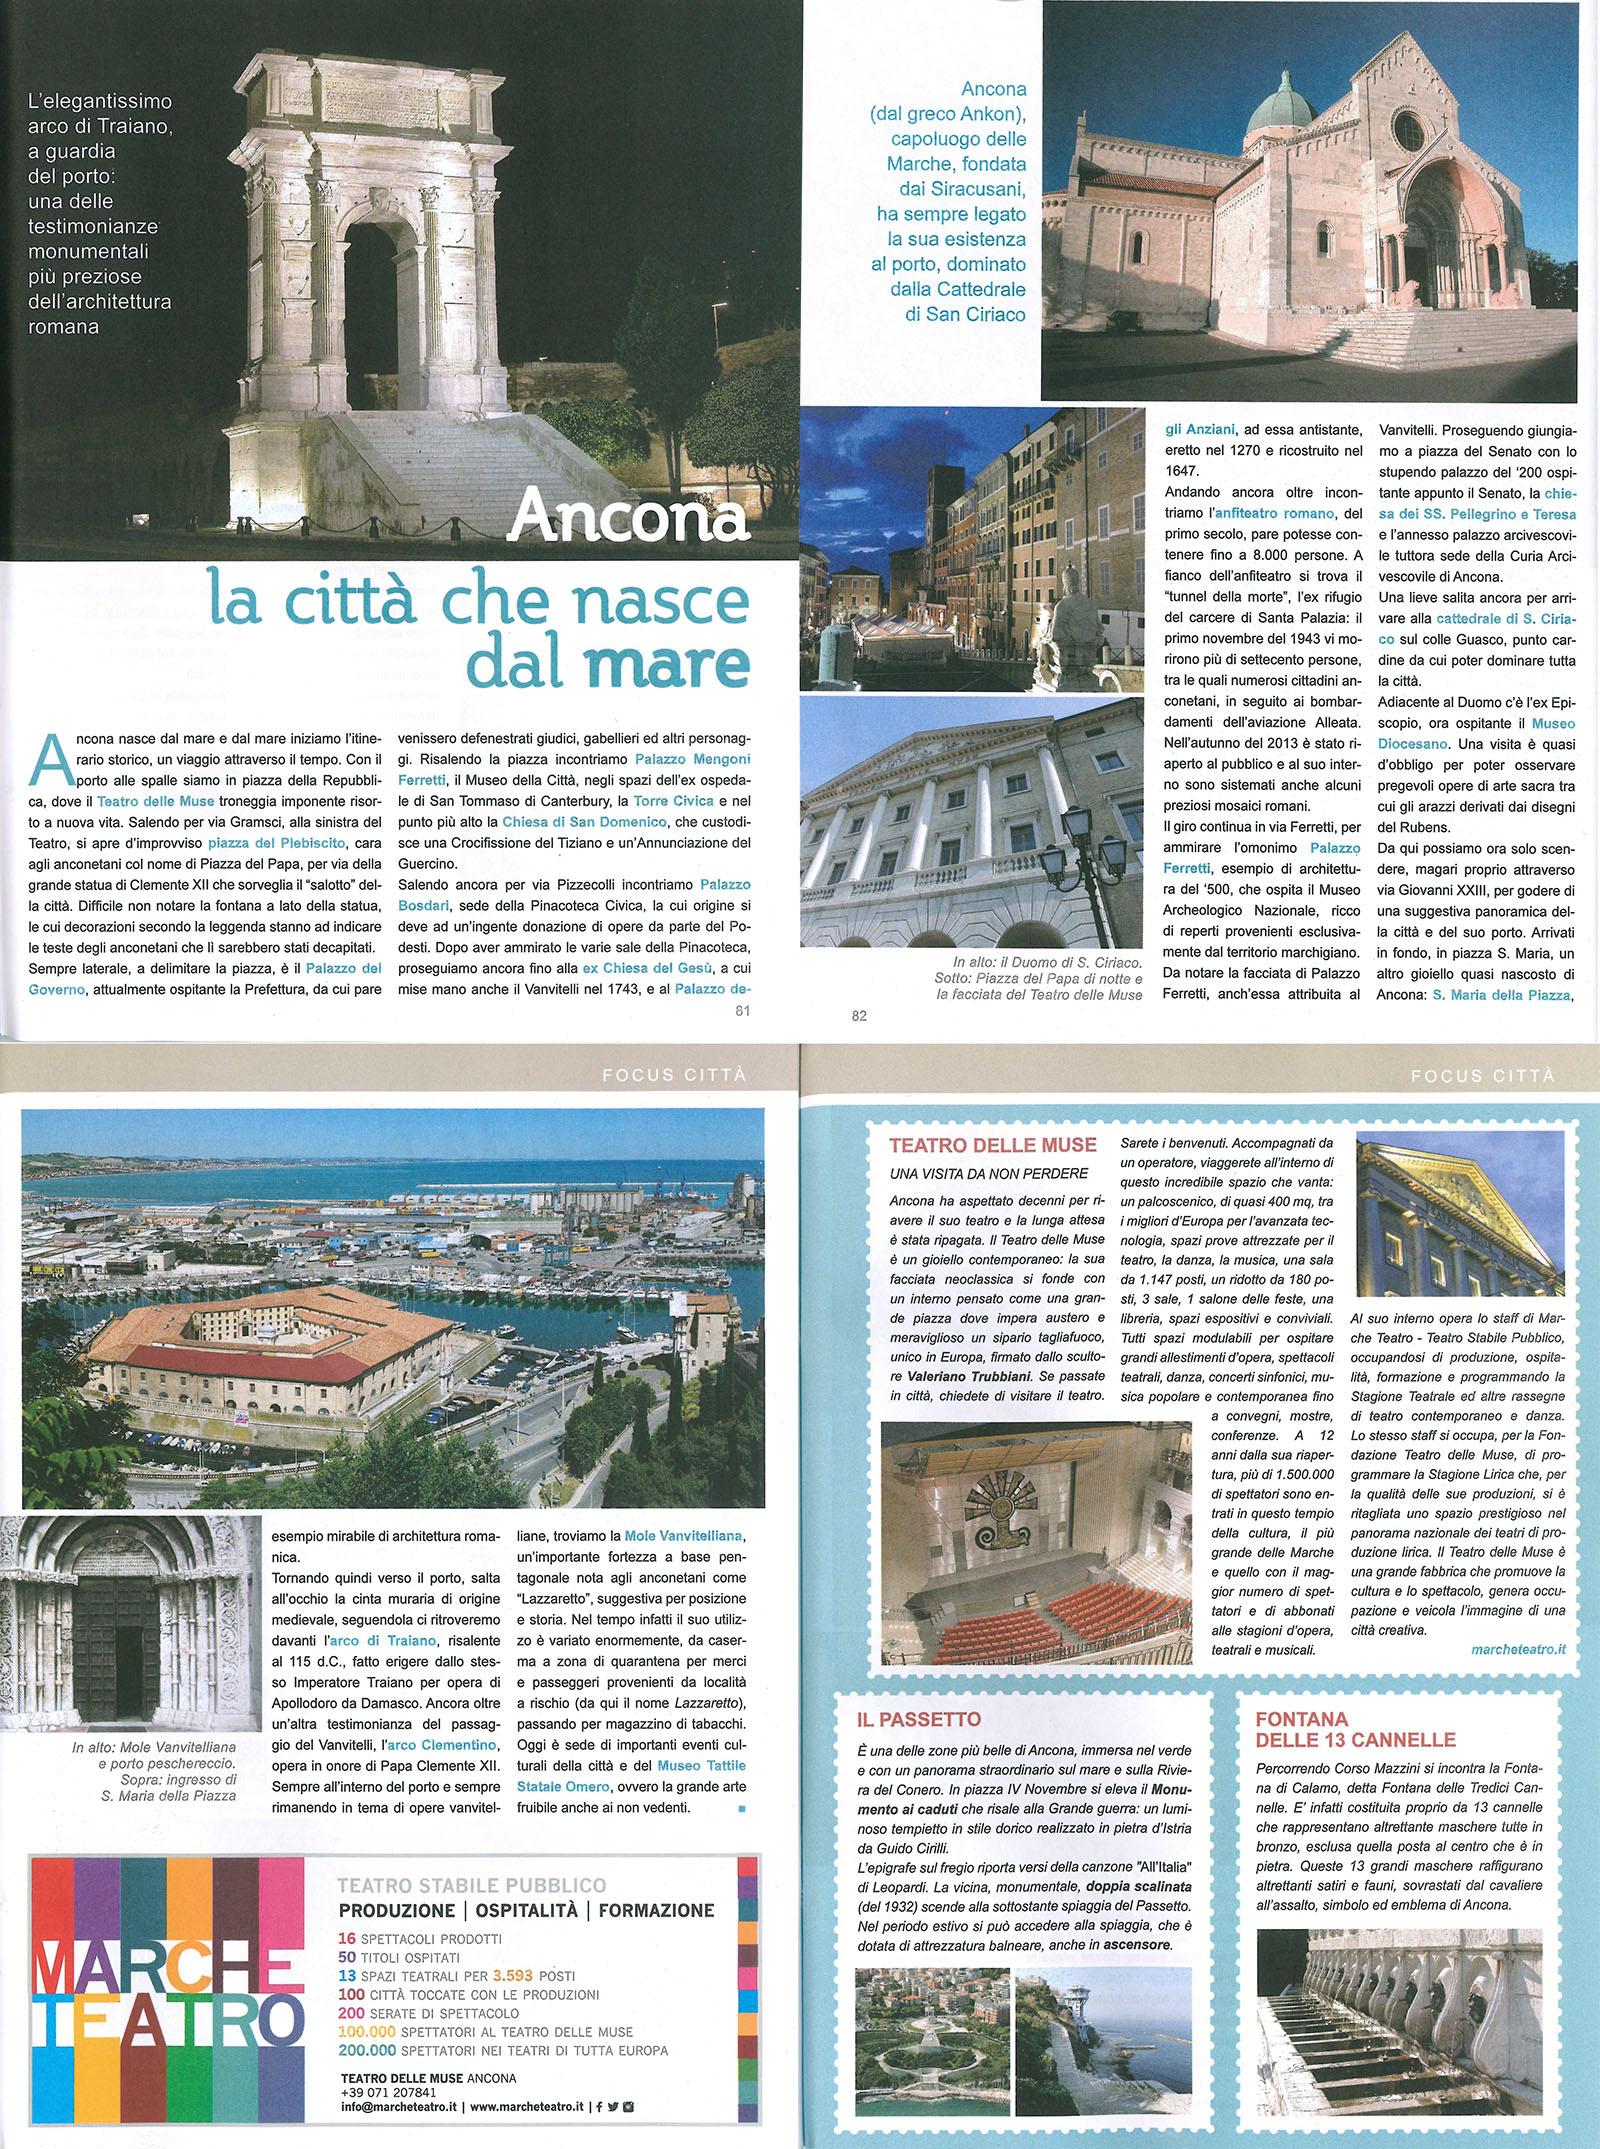 2014.05.28 Ancona la città che nasce dal mare - Destinazione Marche 2014